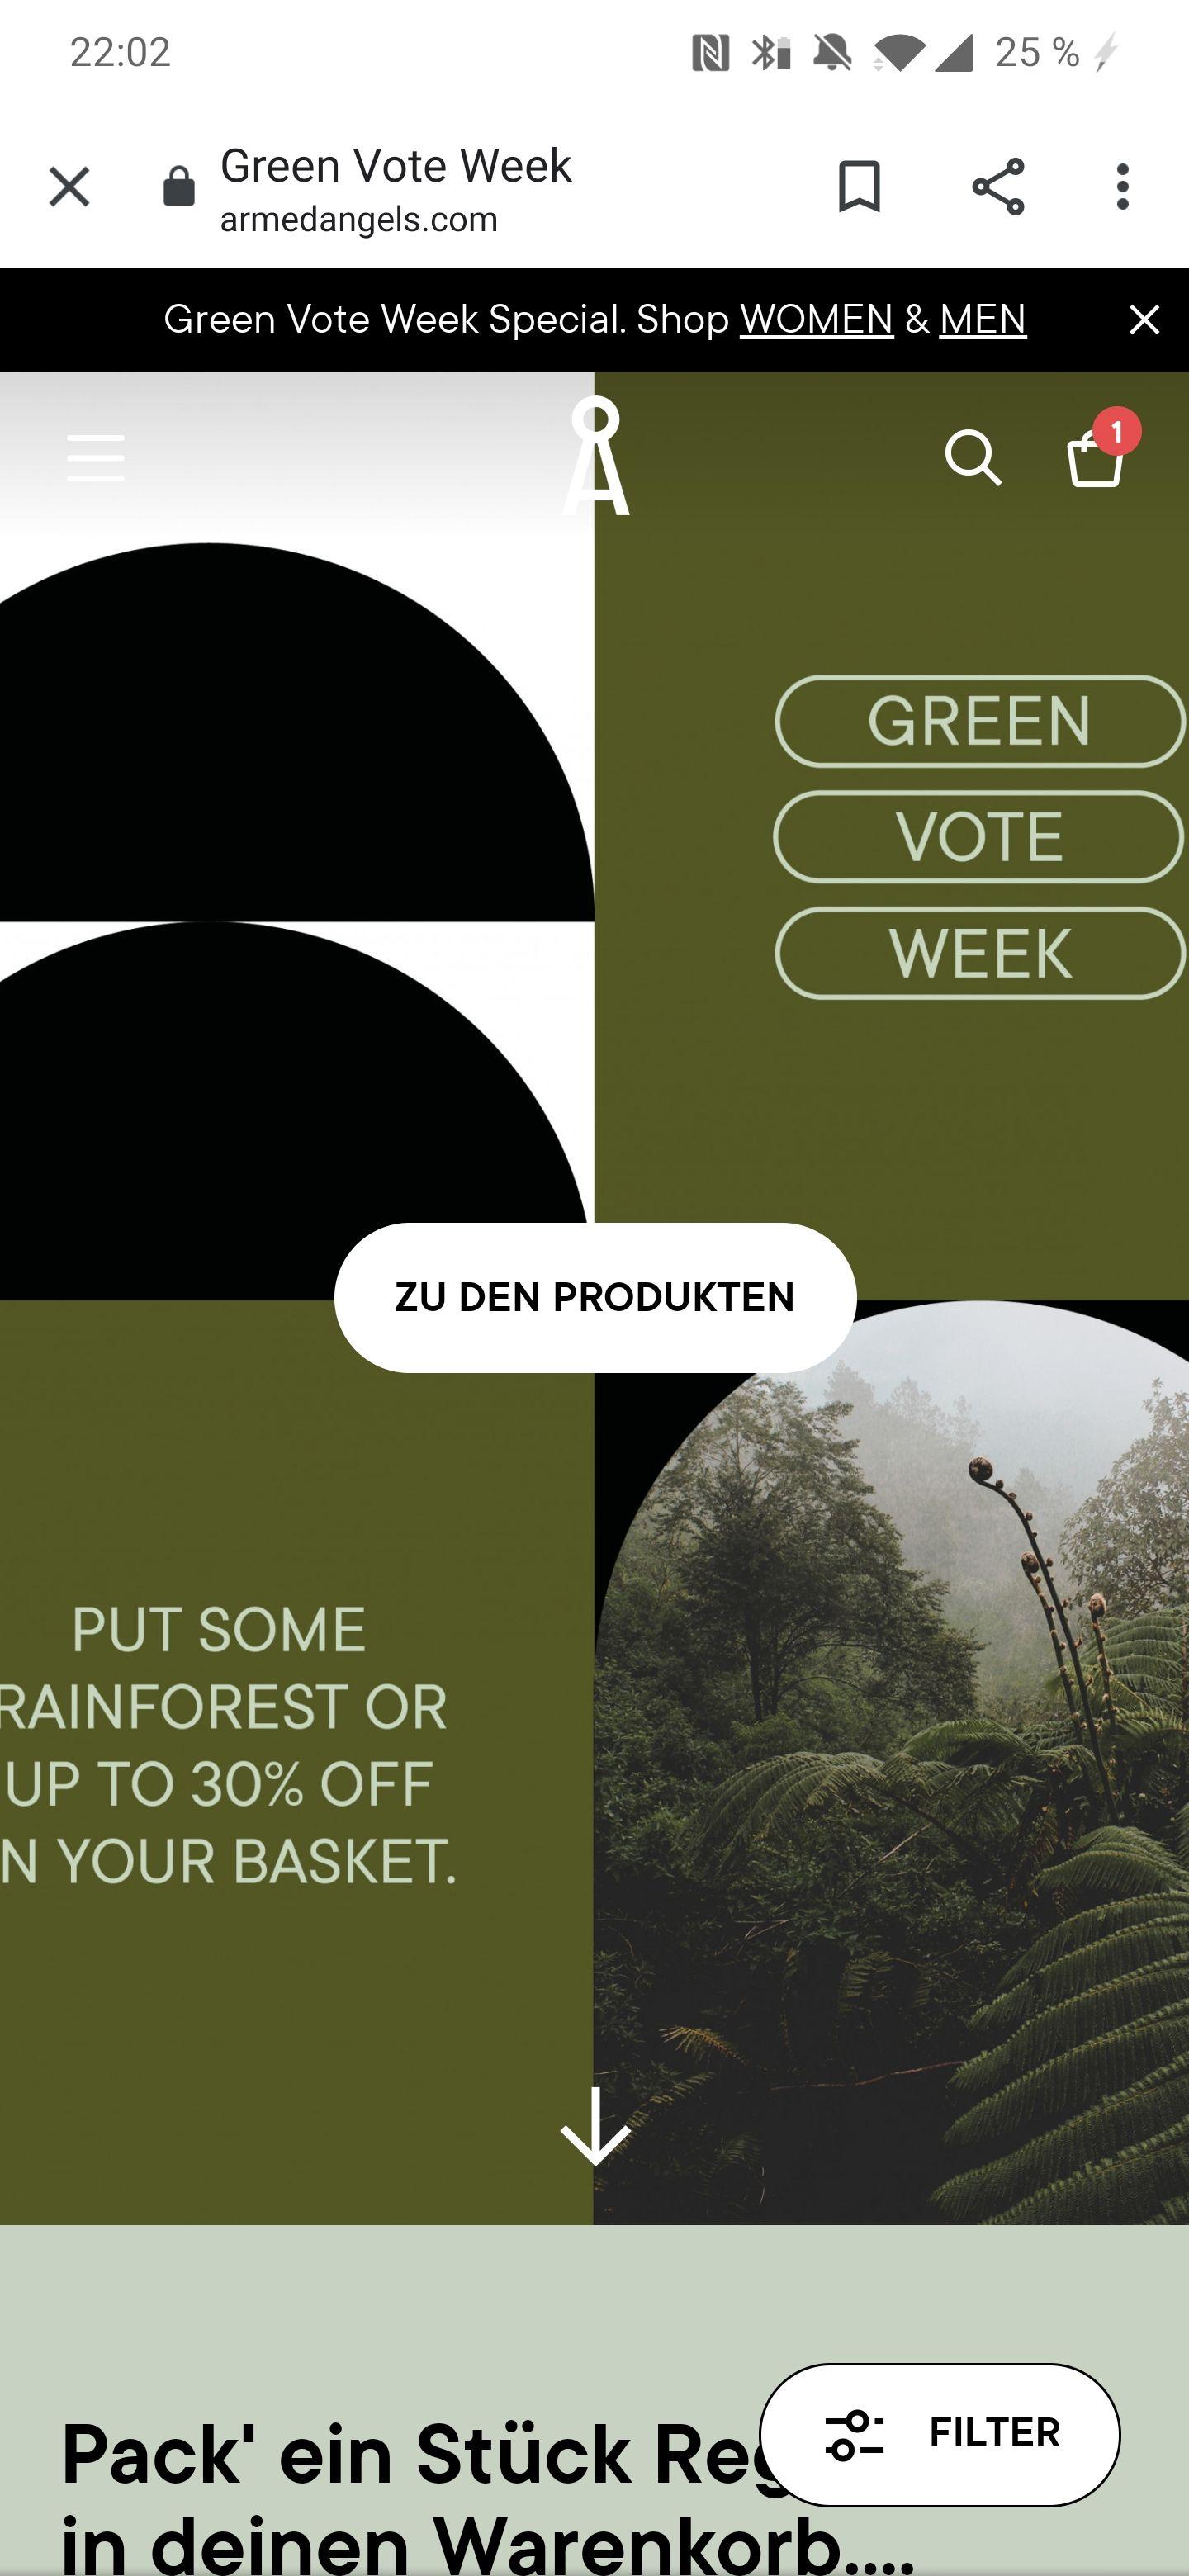 Bis -30% auf viele Artikel oder Regenwald schützen bei Armedangels